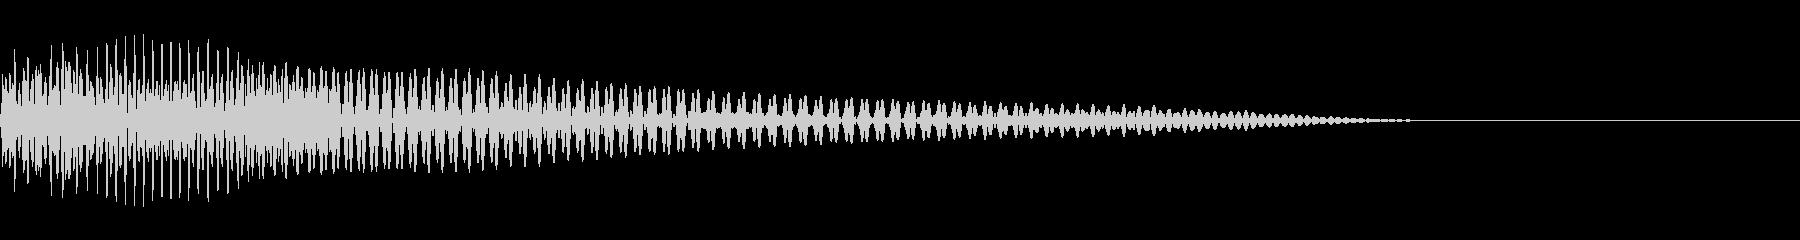 ベース/ドゥーン/ネックスライド/A01の未再生の波形